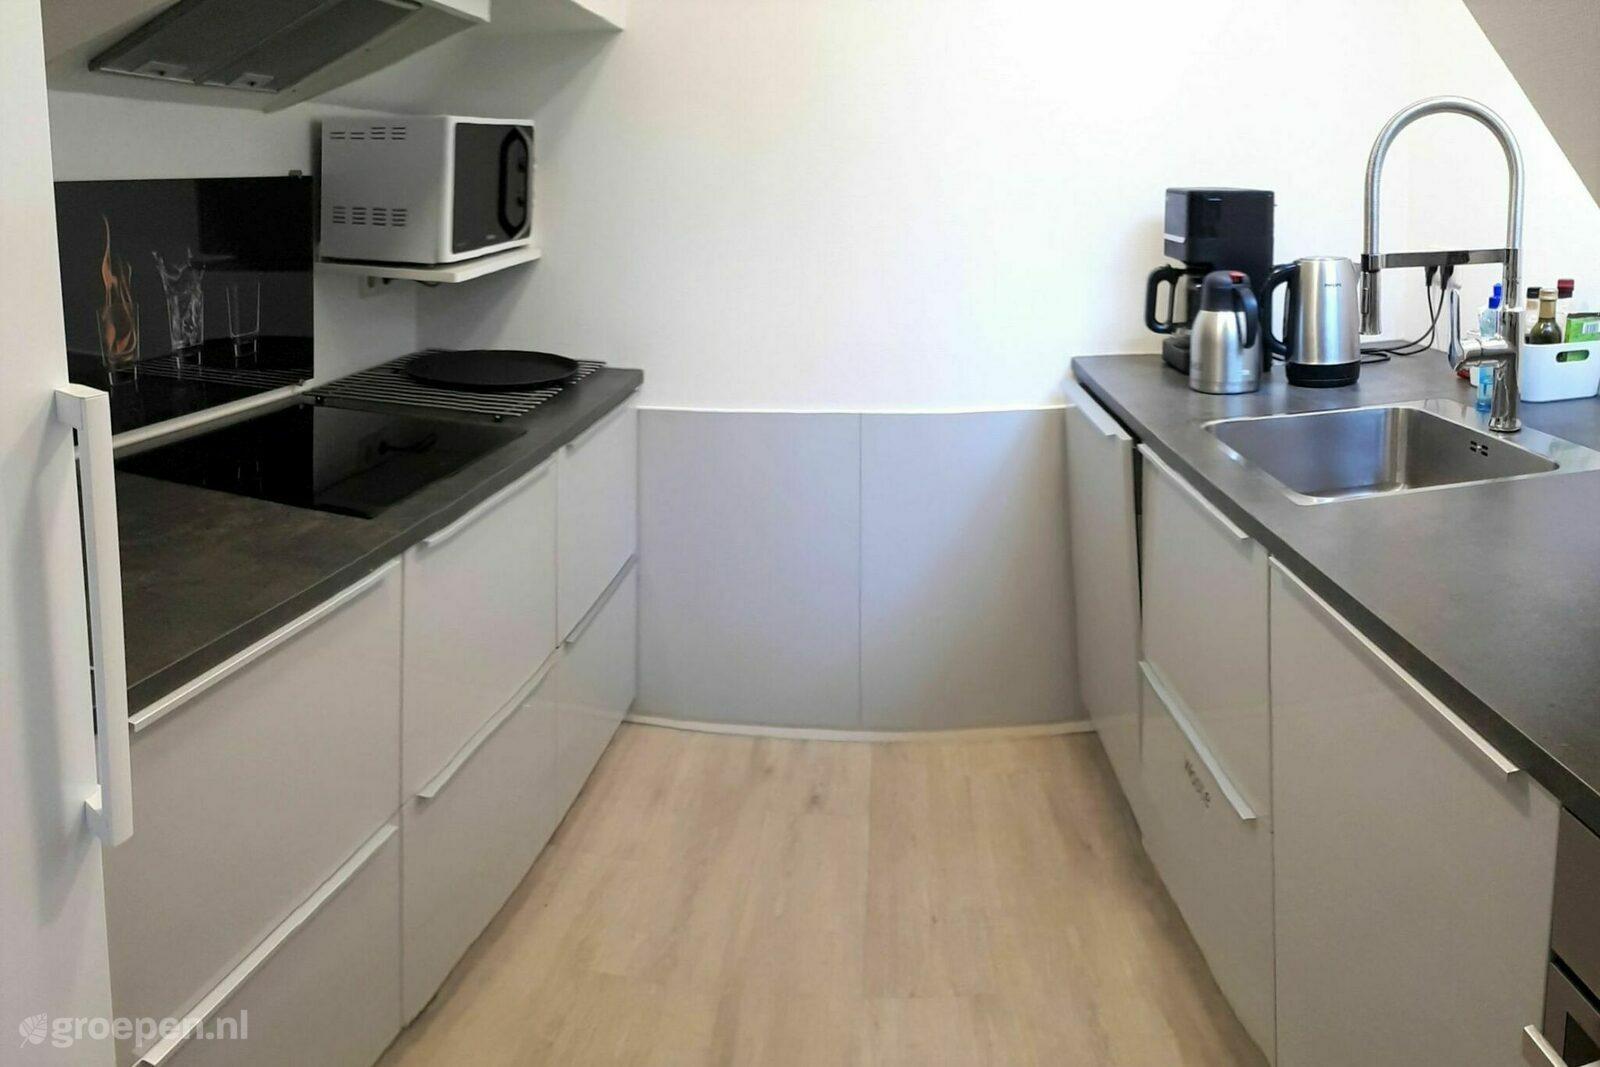 Group accommodation Rotterdam